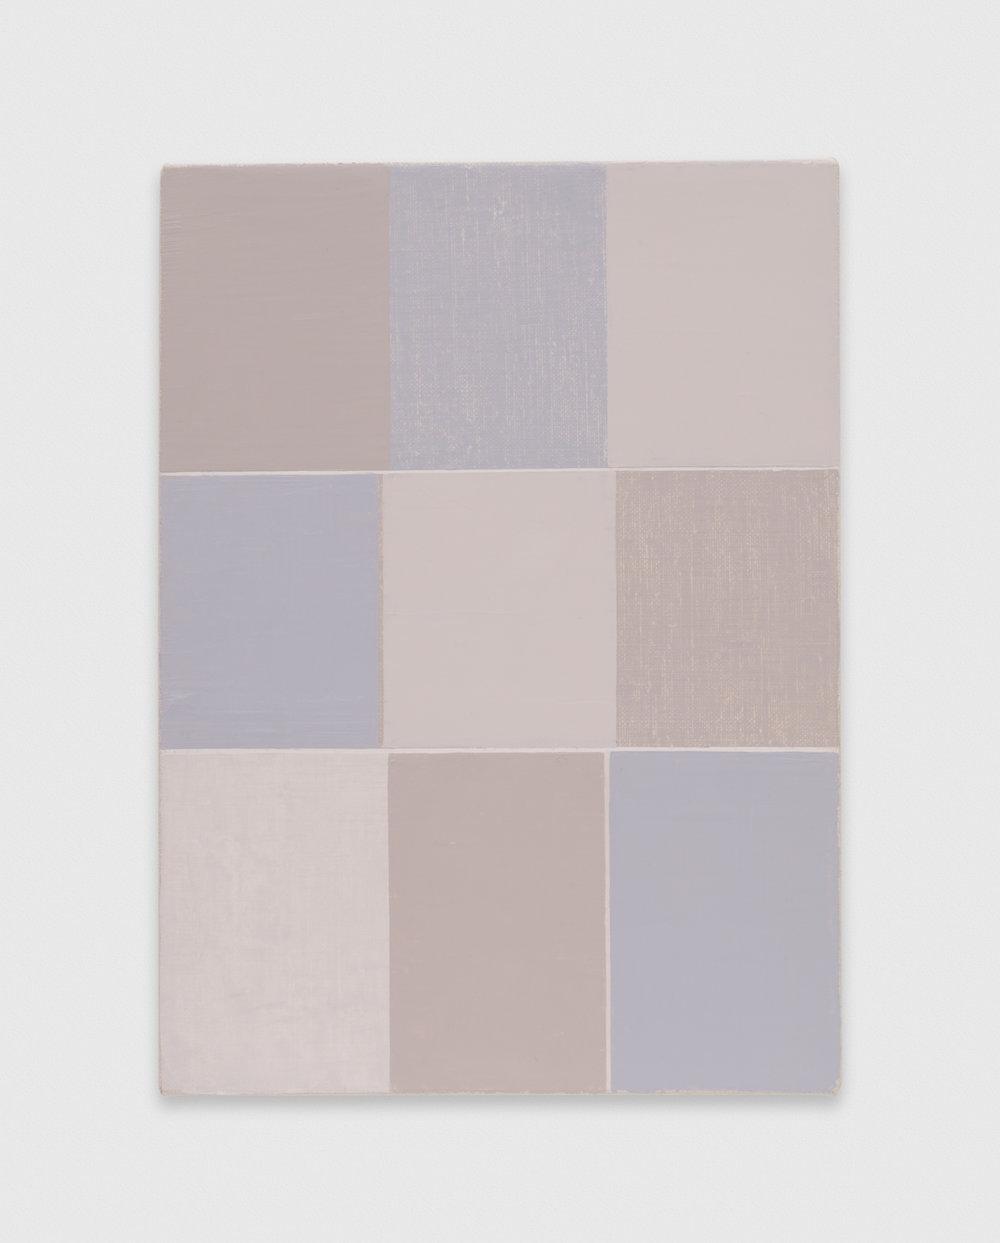 YuiYaegashi  order  2018 Oil on canvas 13 1/4h x 9 3/4w in YY130